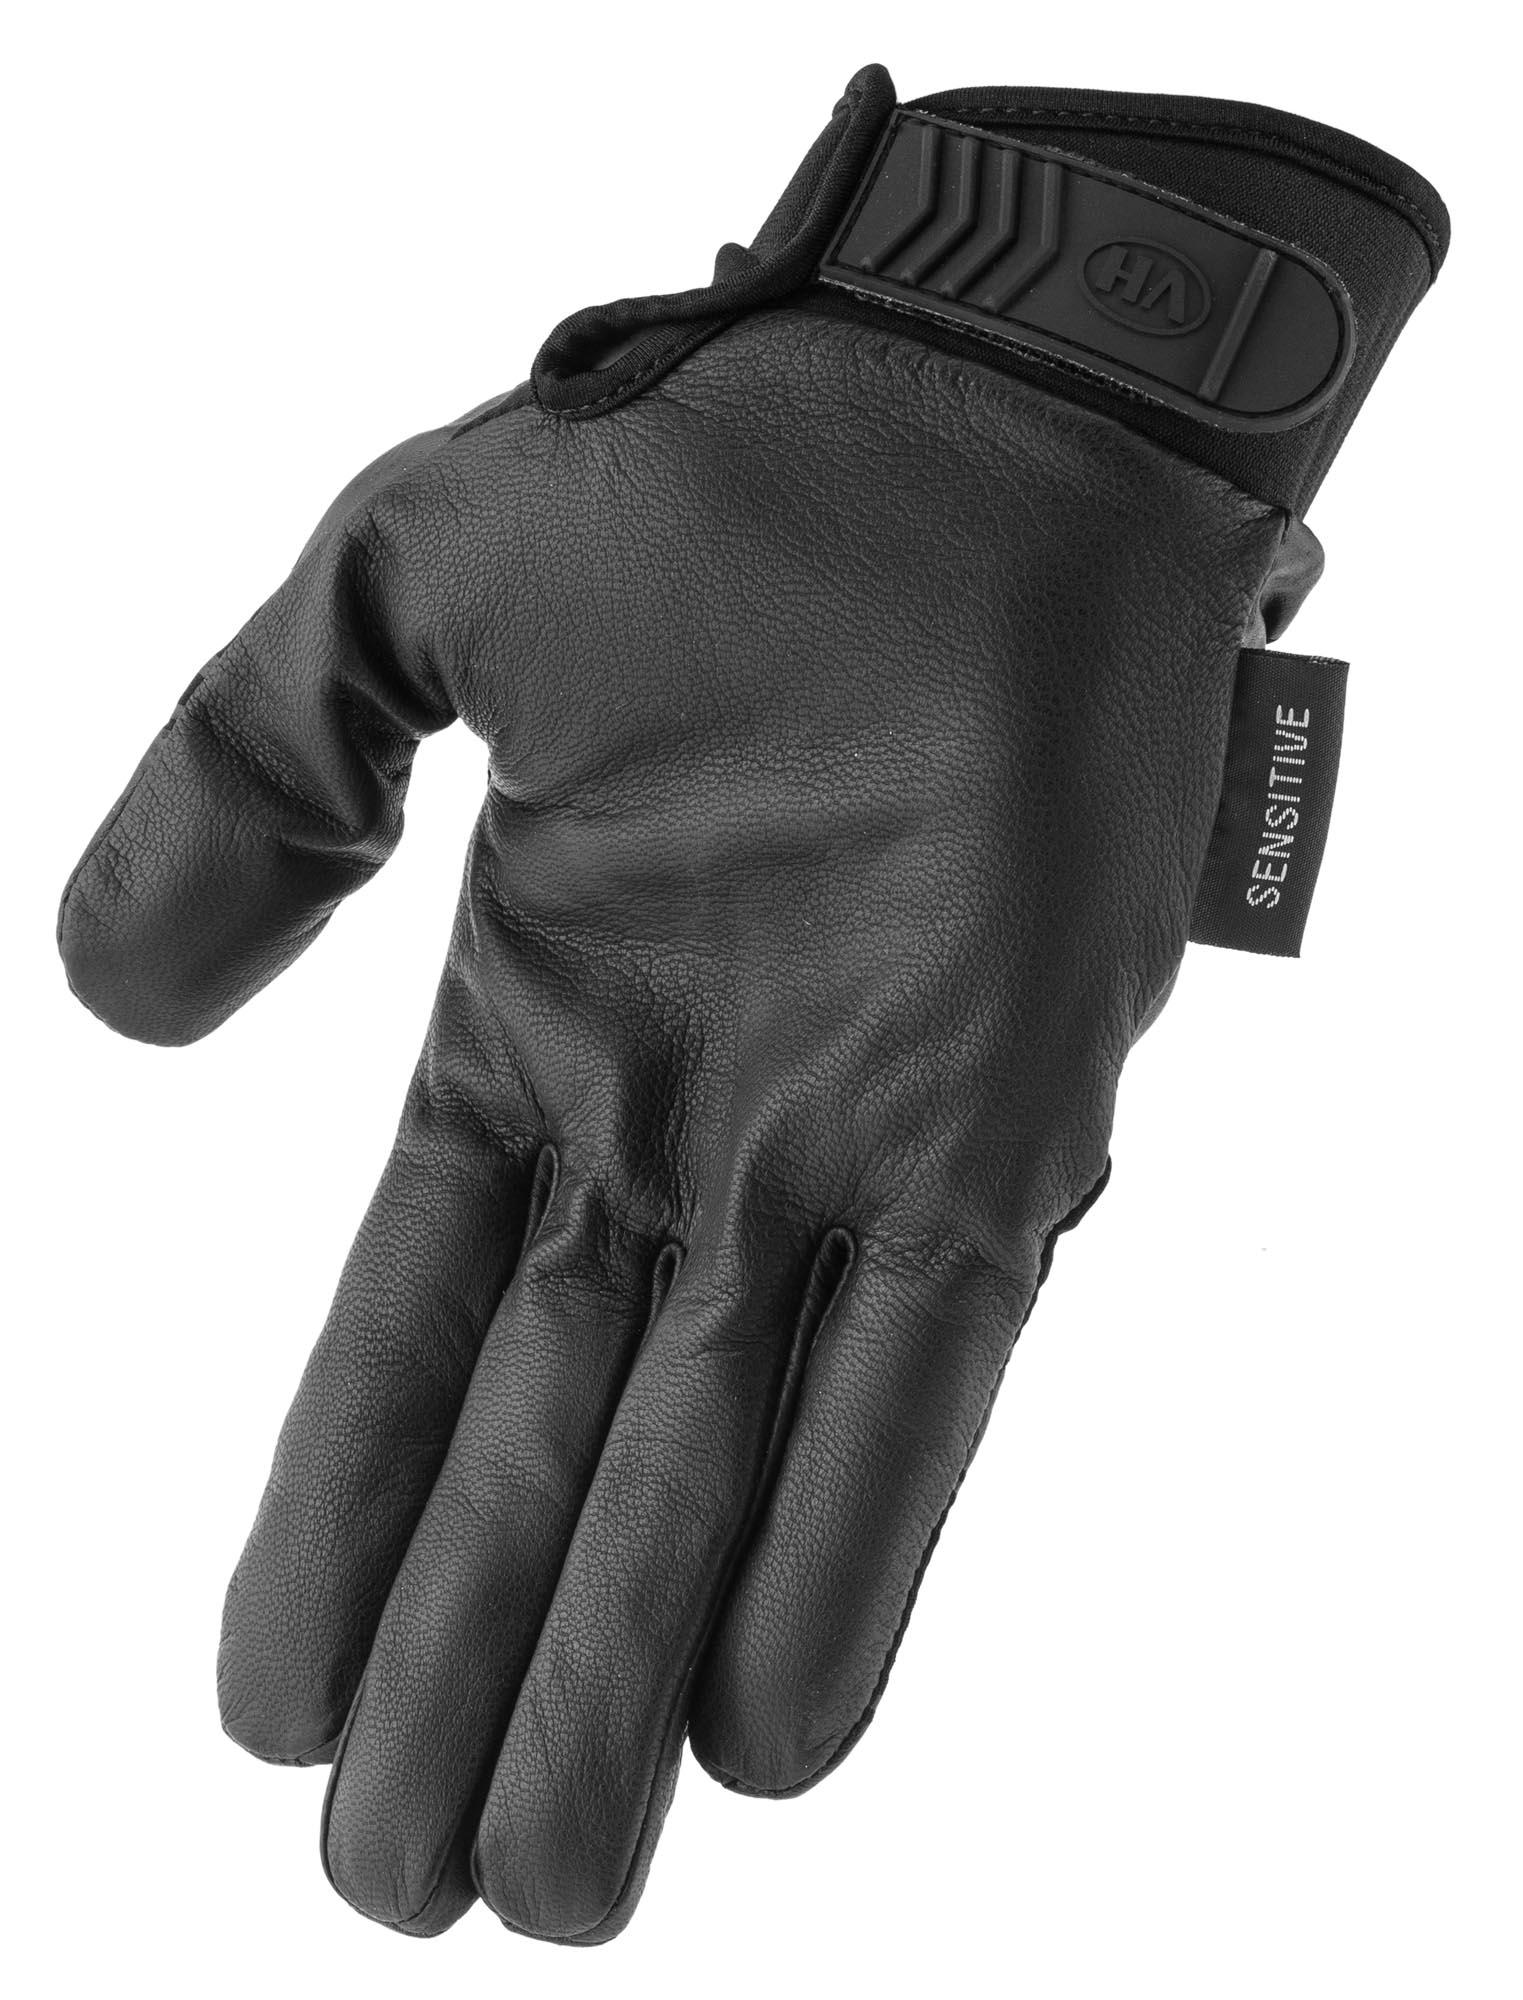 0102d7990cd14 ... Gants noirs de palpation sensitive Gants noirs de palpation sensitive -  Taille S - EUR- ...